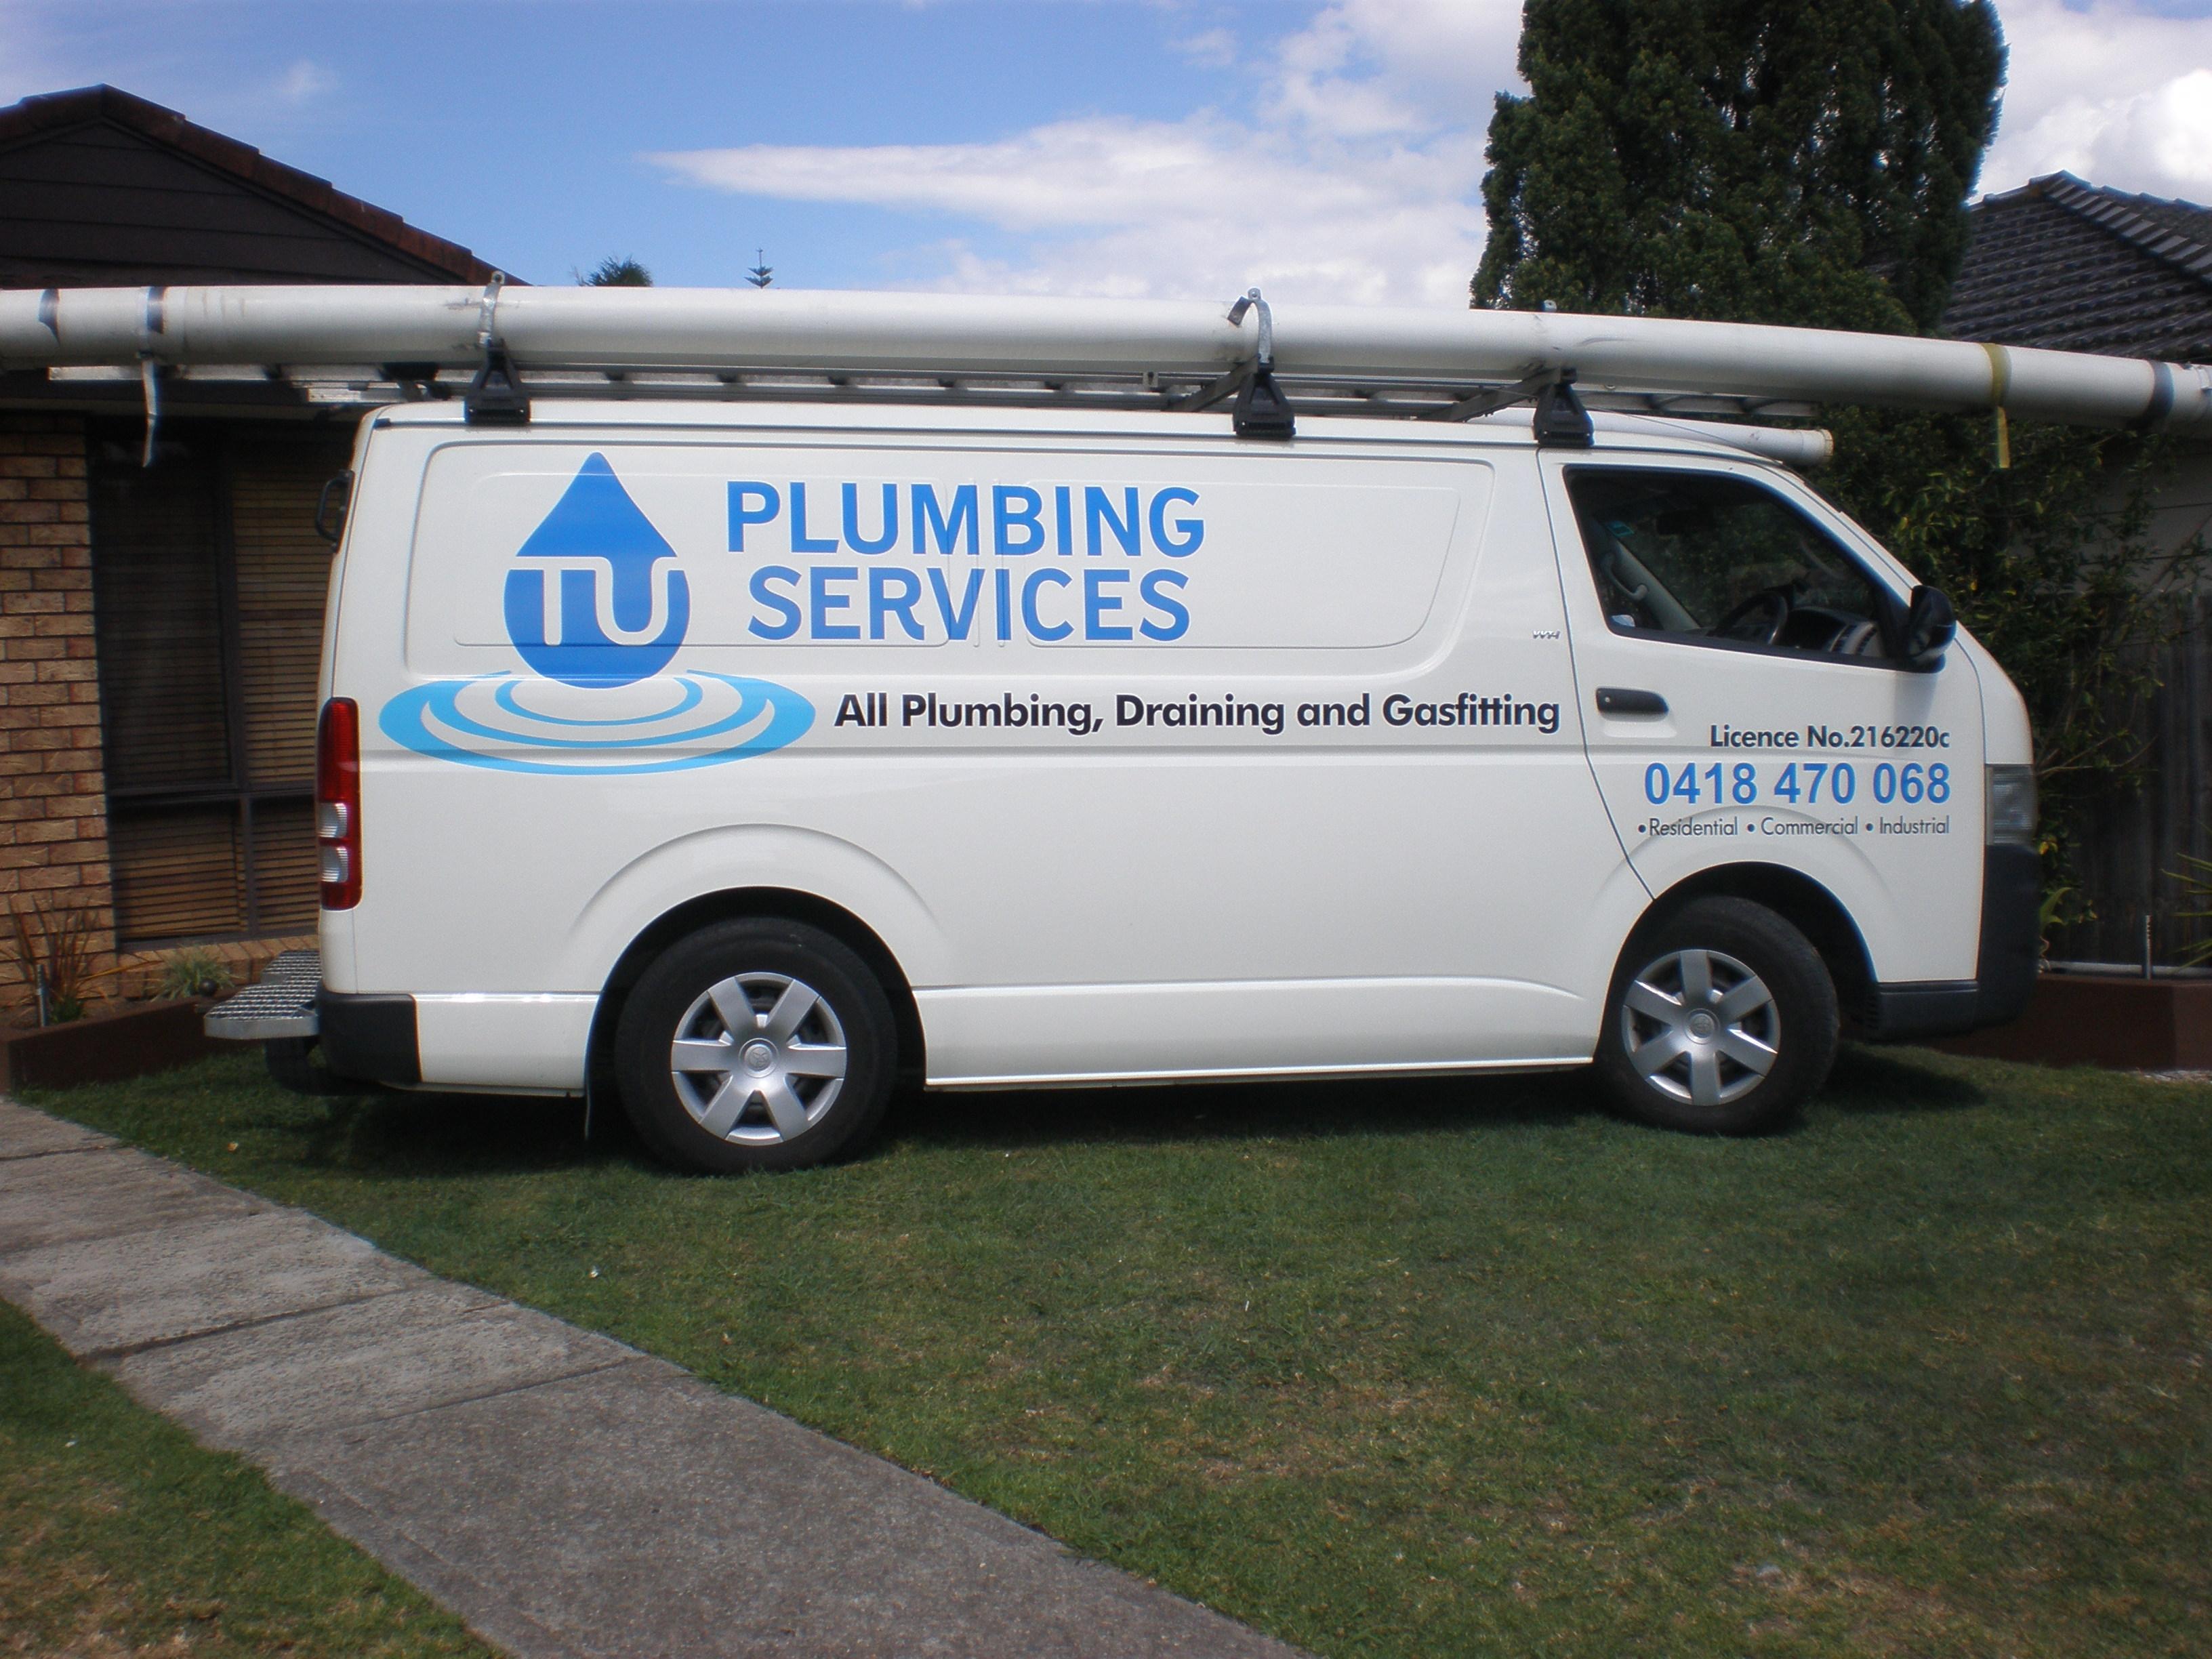 T U Plumbing